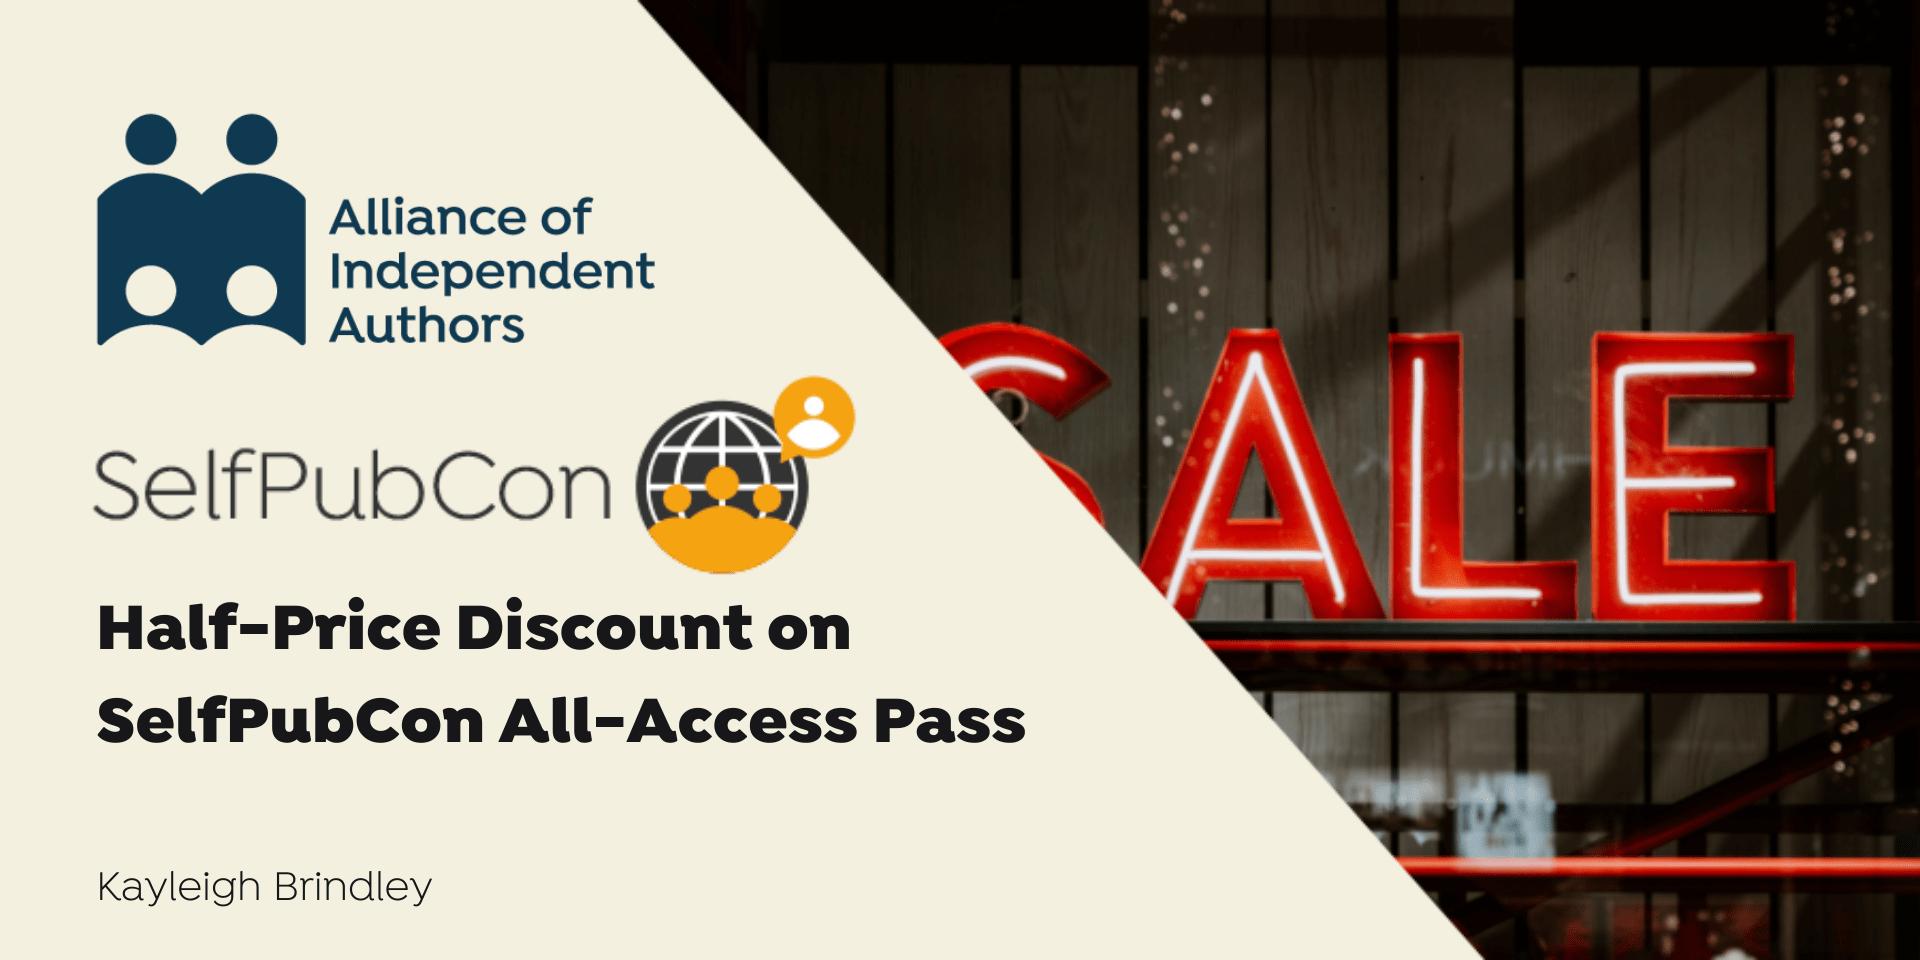 Half-PriceDiscounton SelfPubCon All-Access Pass